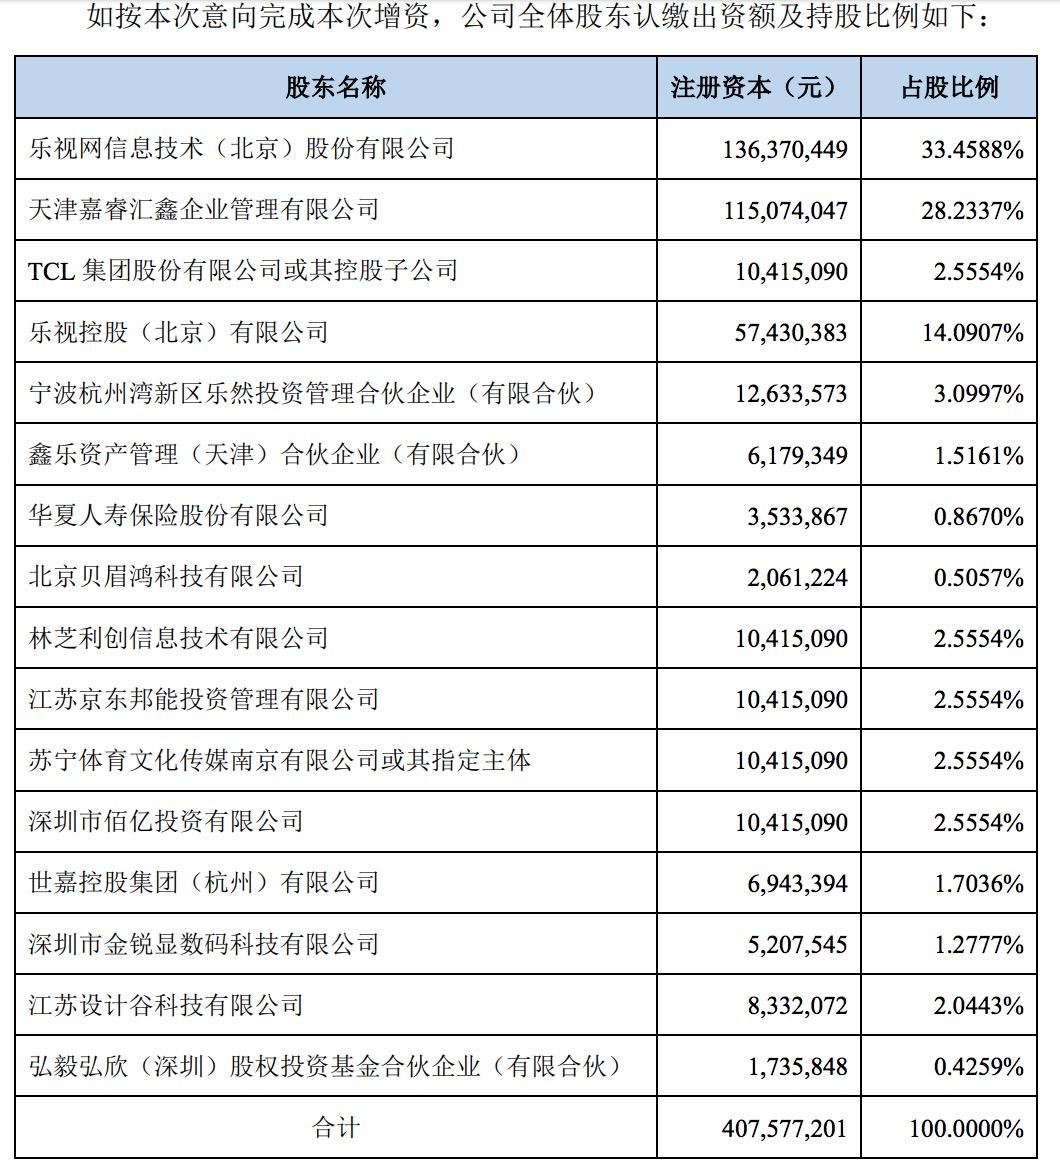 乐视网:腾讯京东苏宁领投 完成后公司持股比例下降至33.46%-中国网地产